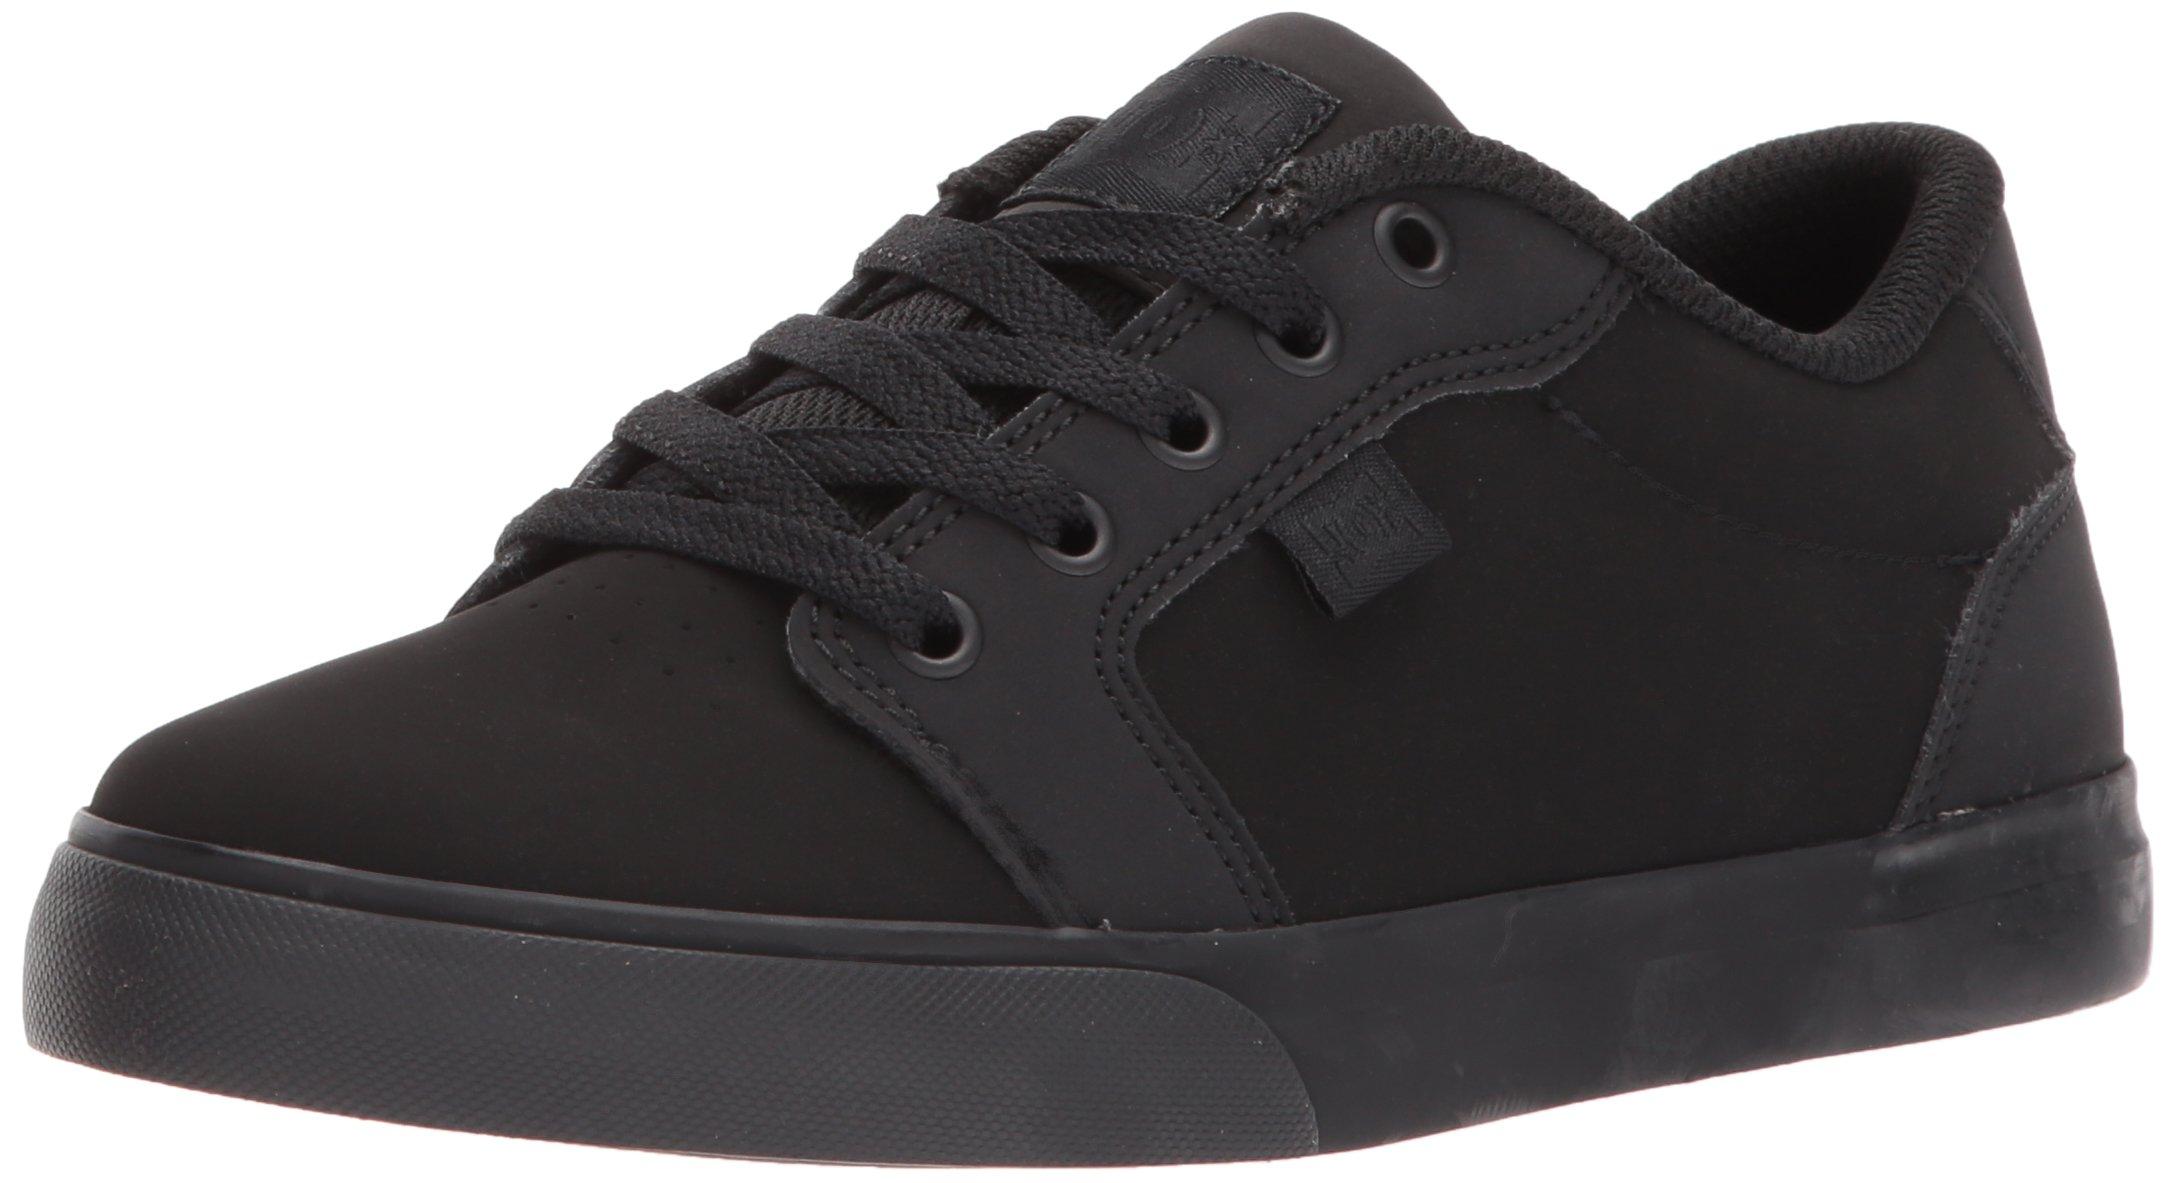 DC Youth Anvil Skate Shoe (Little Big Kid) Black, 12 M US